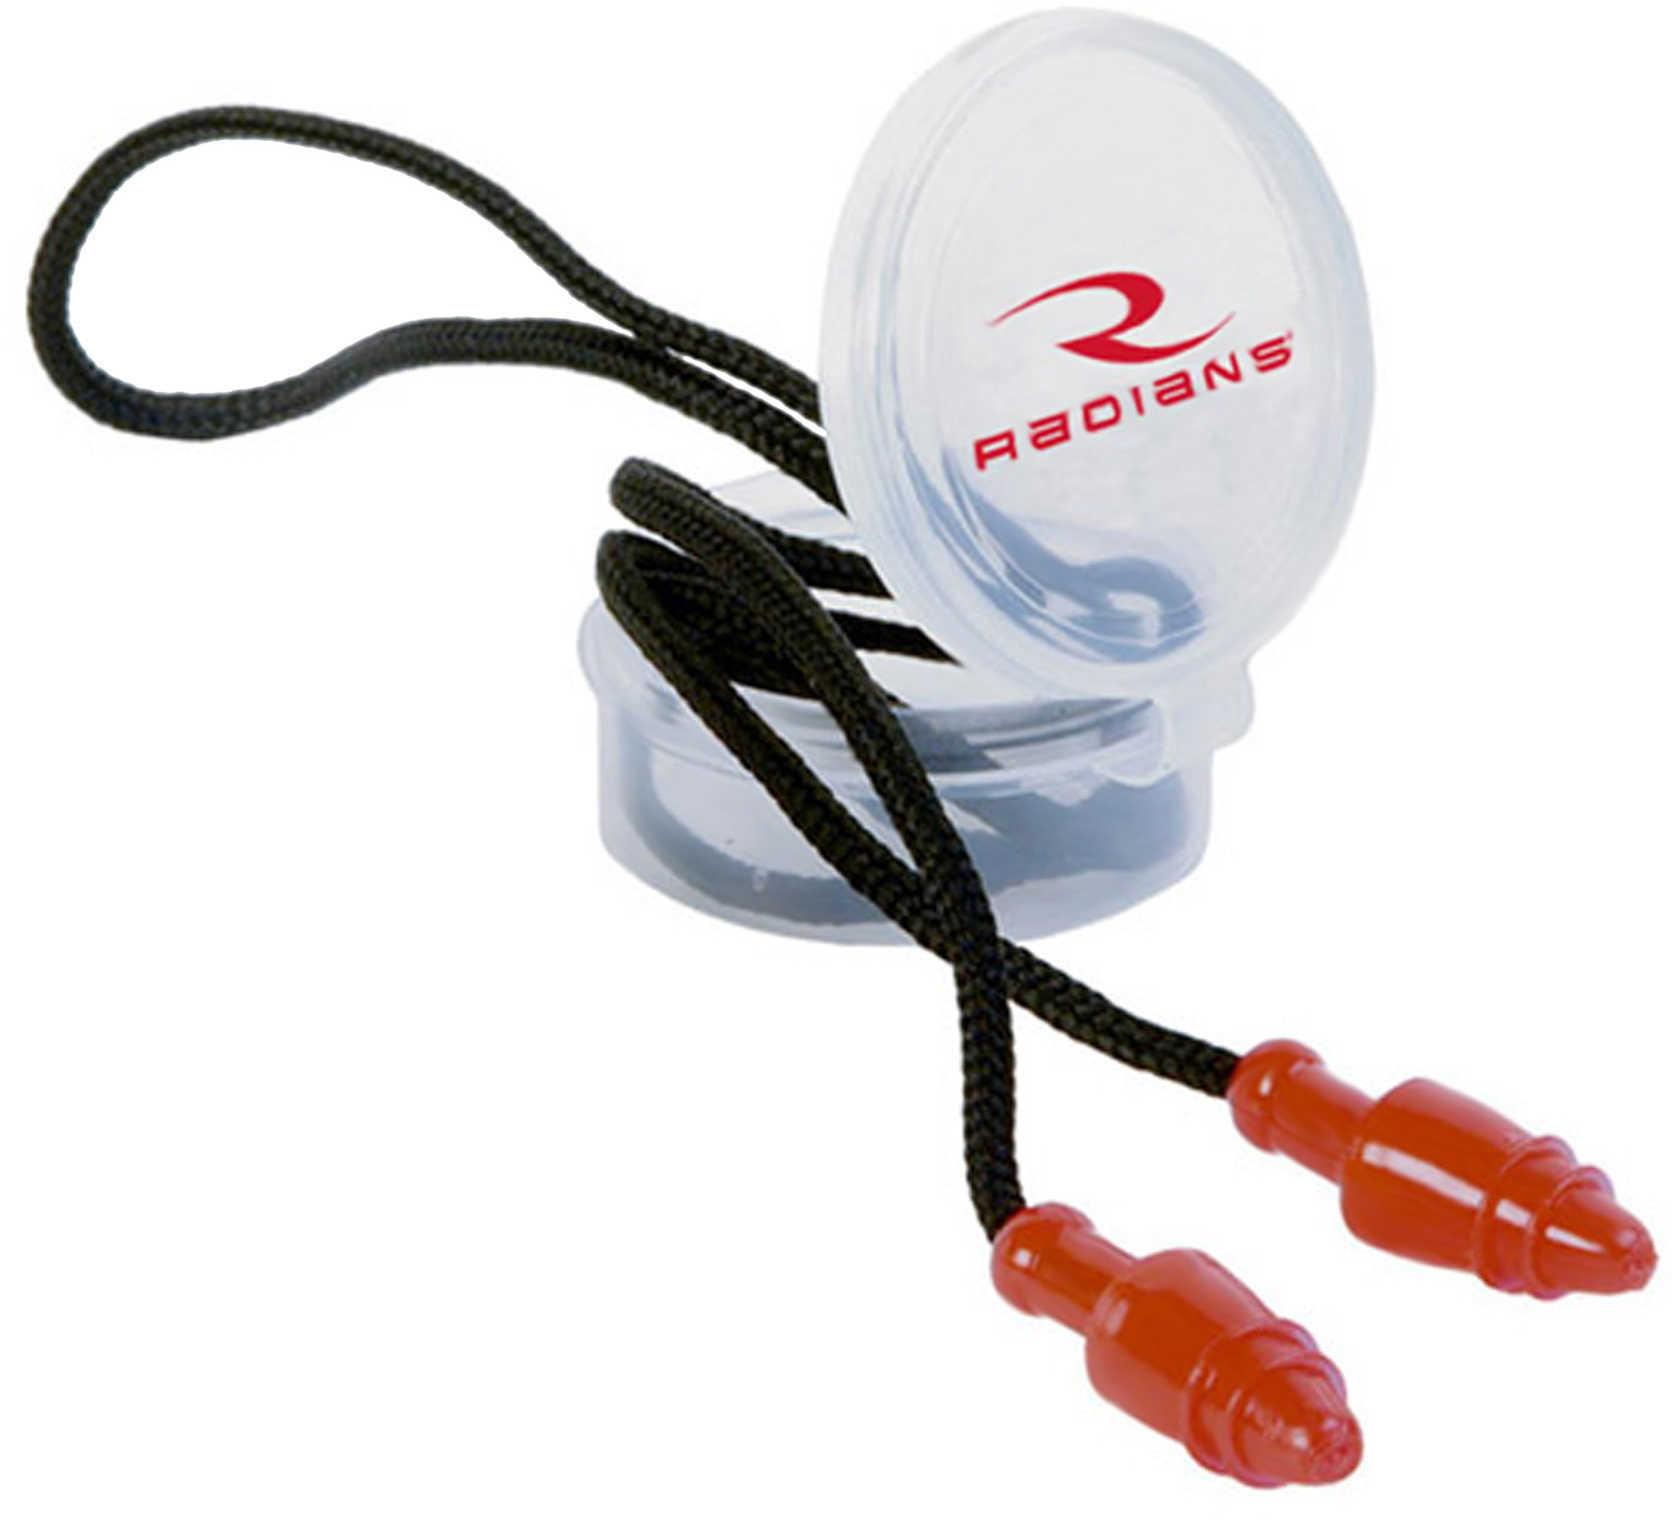 Radians Snug Plugs, Corded Earplugs 1 Pair JP3150HC